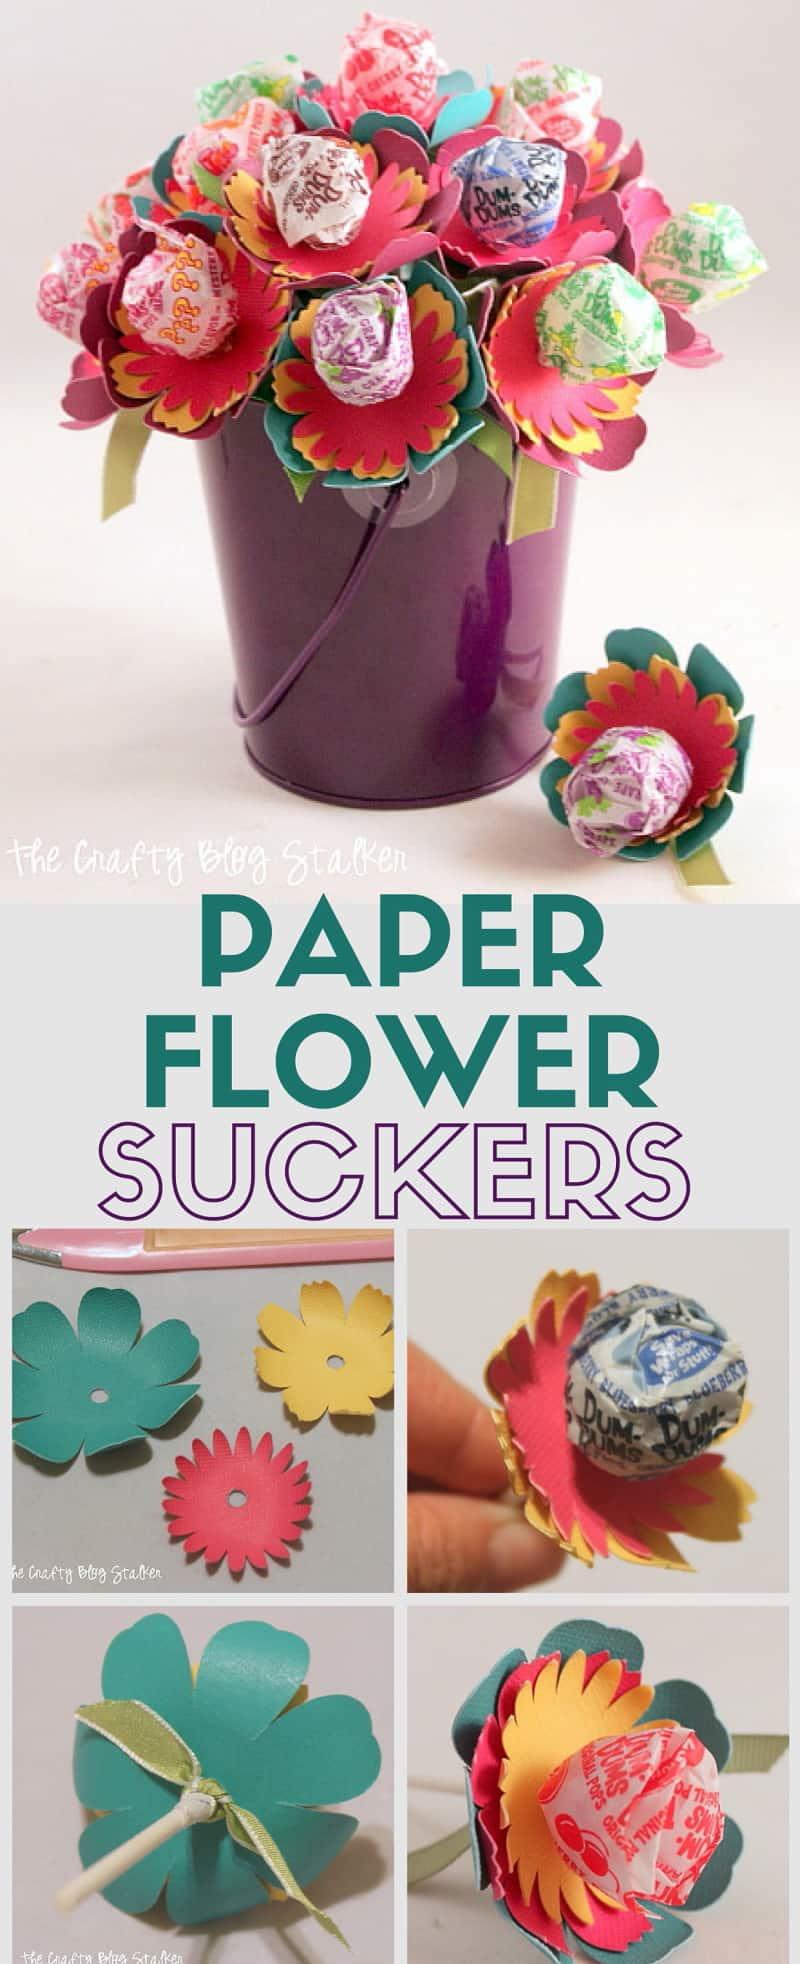 Paper flower suckers